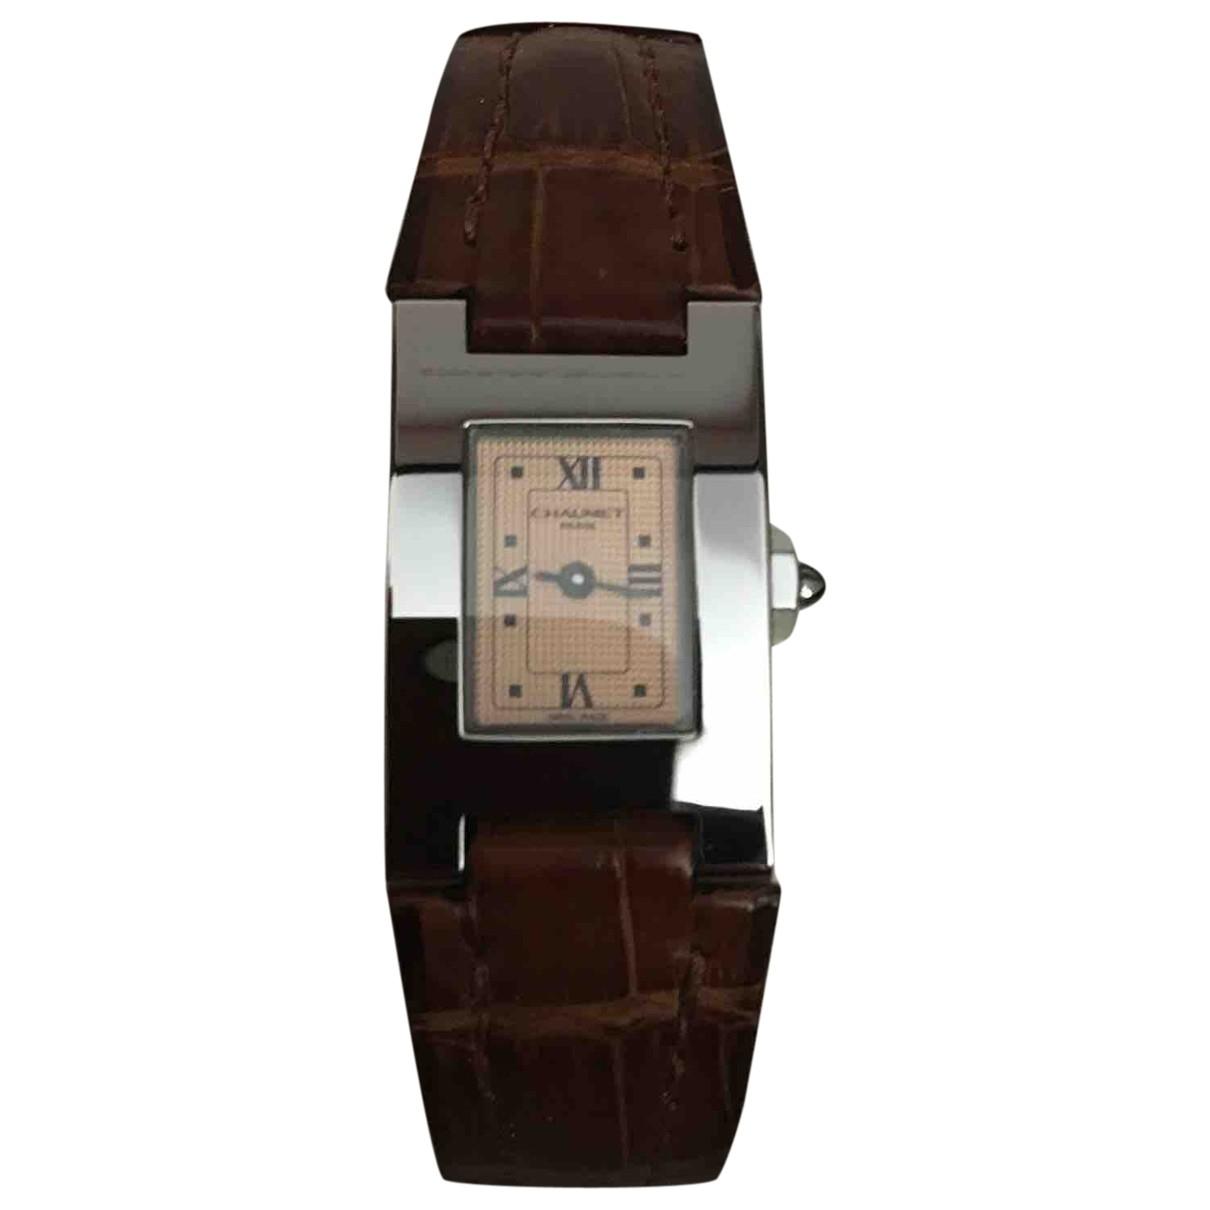 Reloj Chaumet